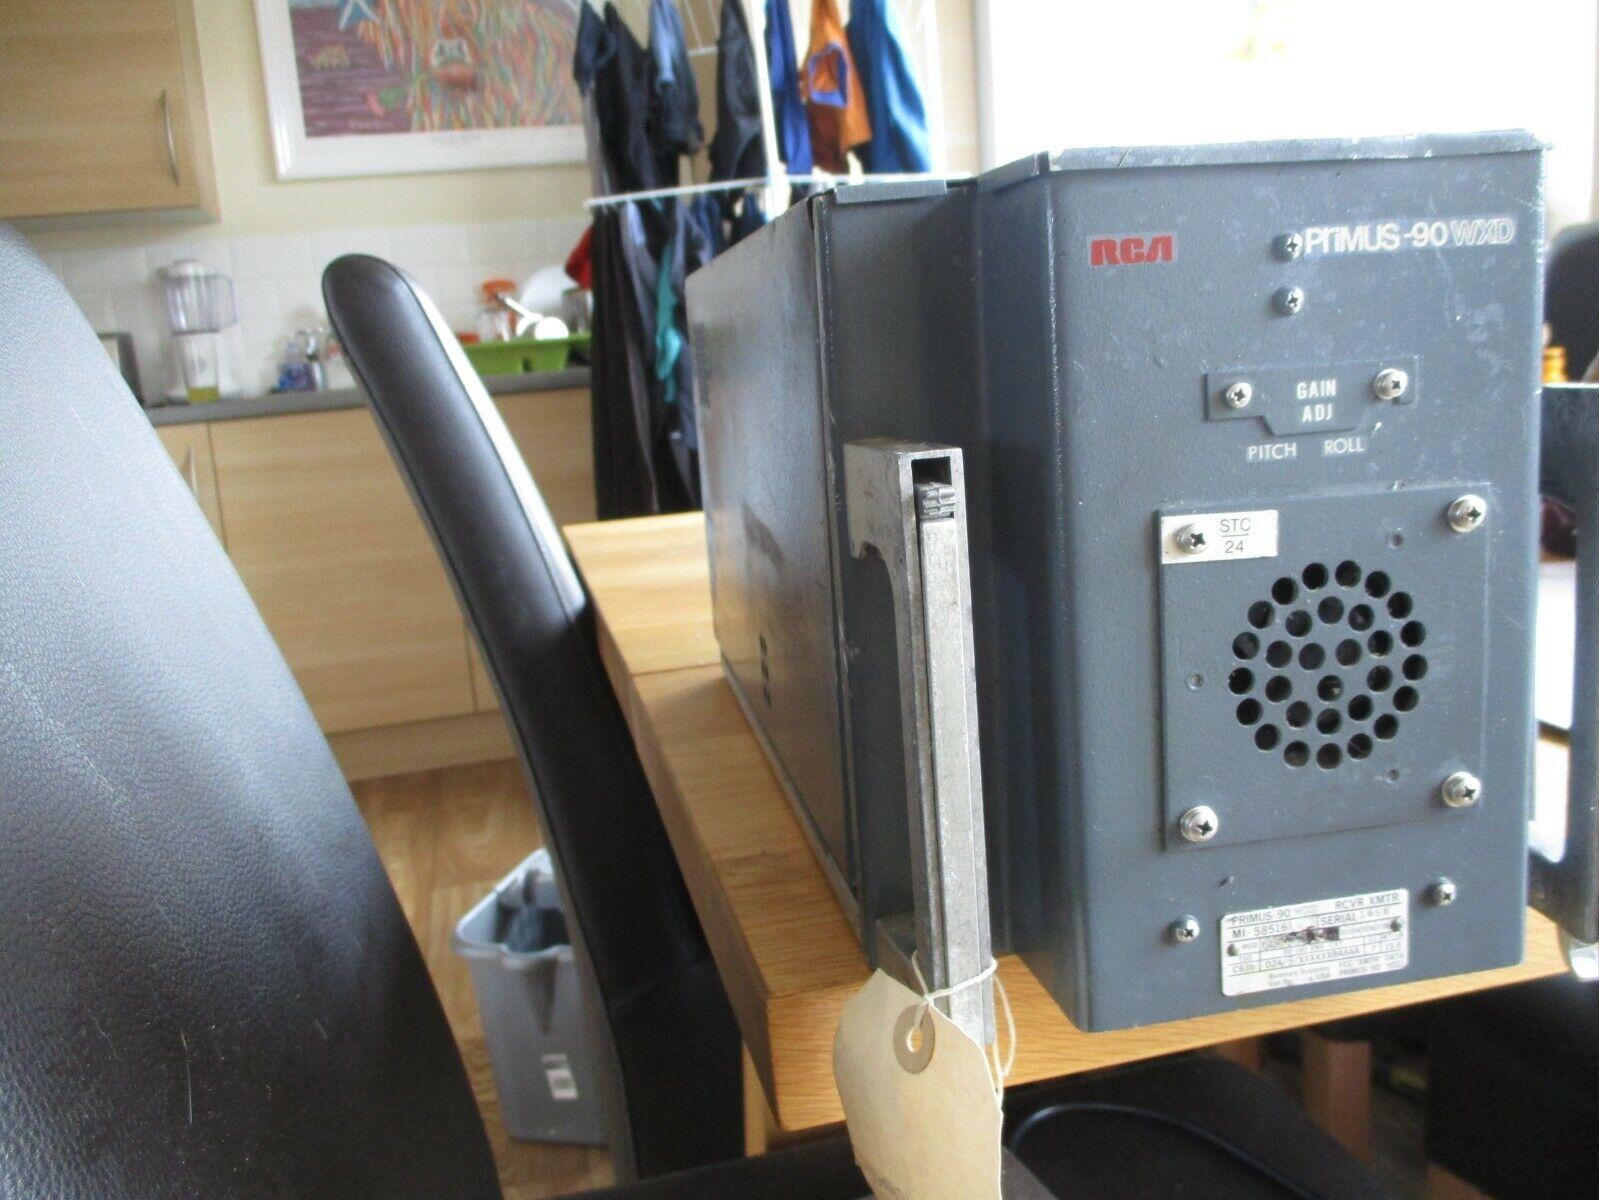 Primus 90 MI-585161 Radar transreciever